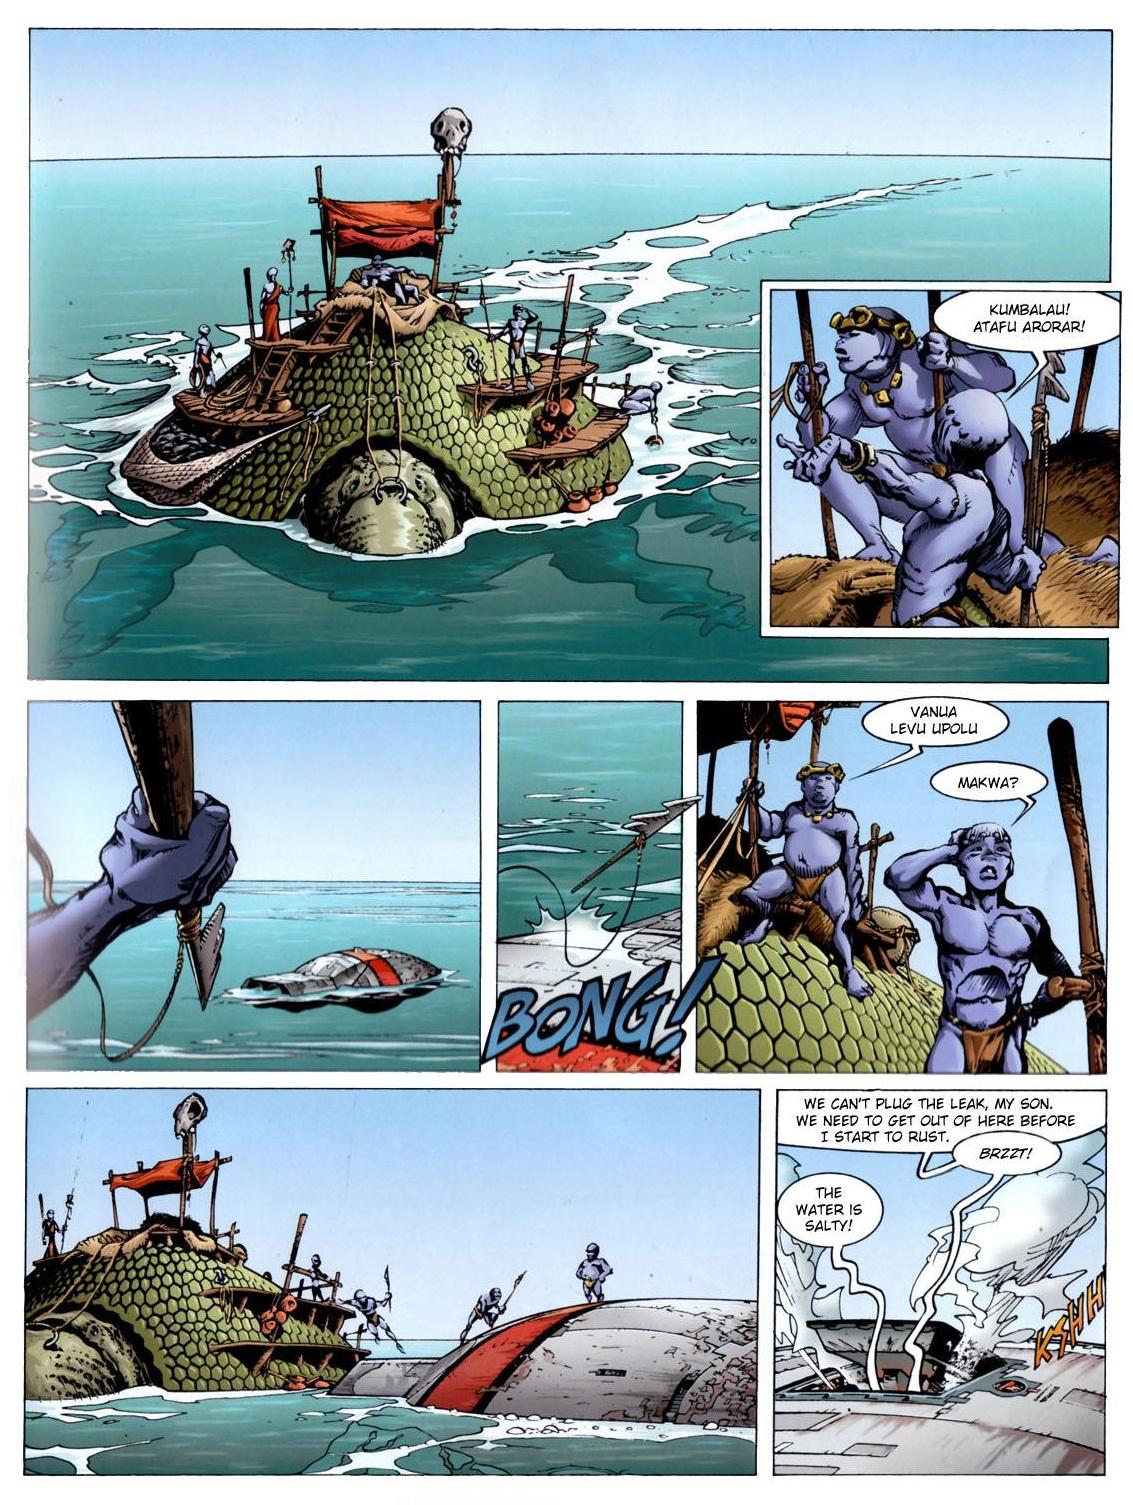 Aquablue graphic novel review